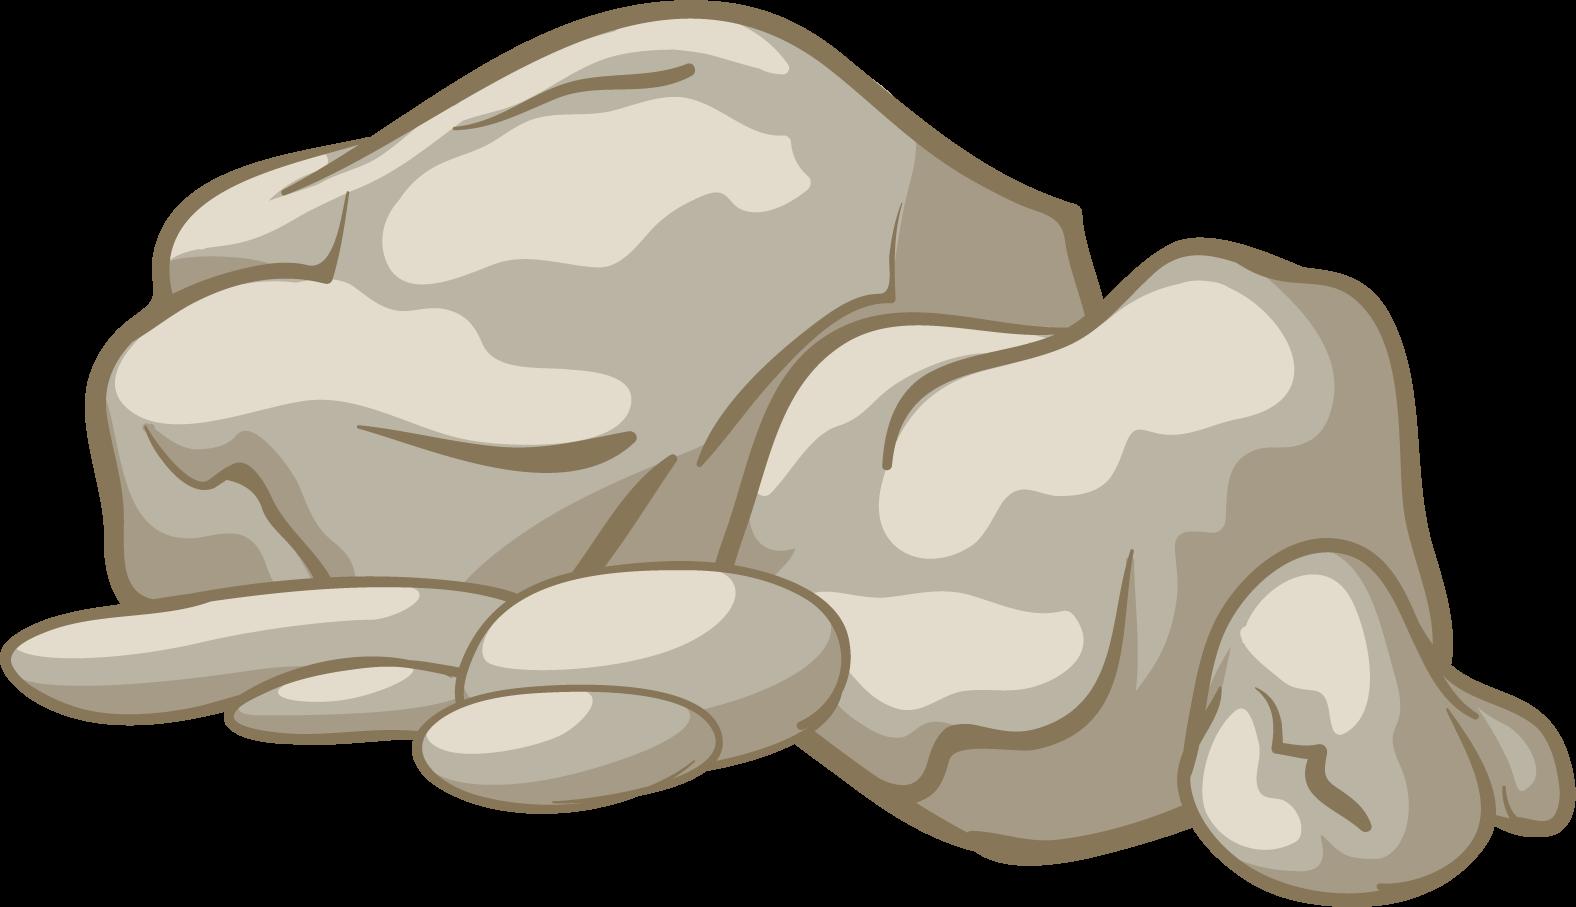 mining clipart broken rock